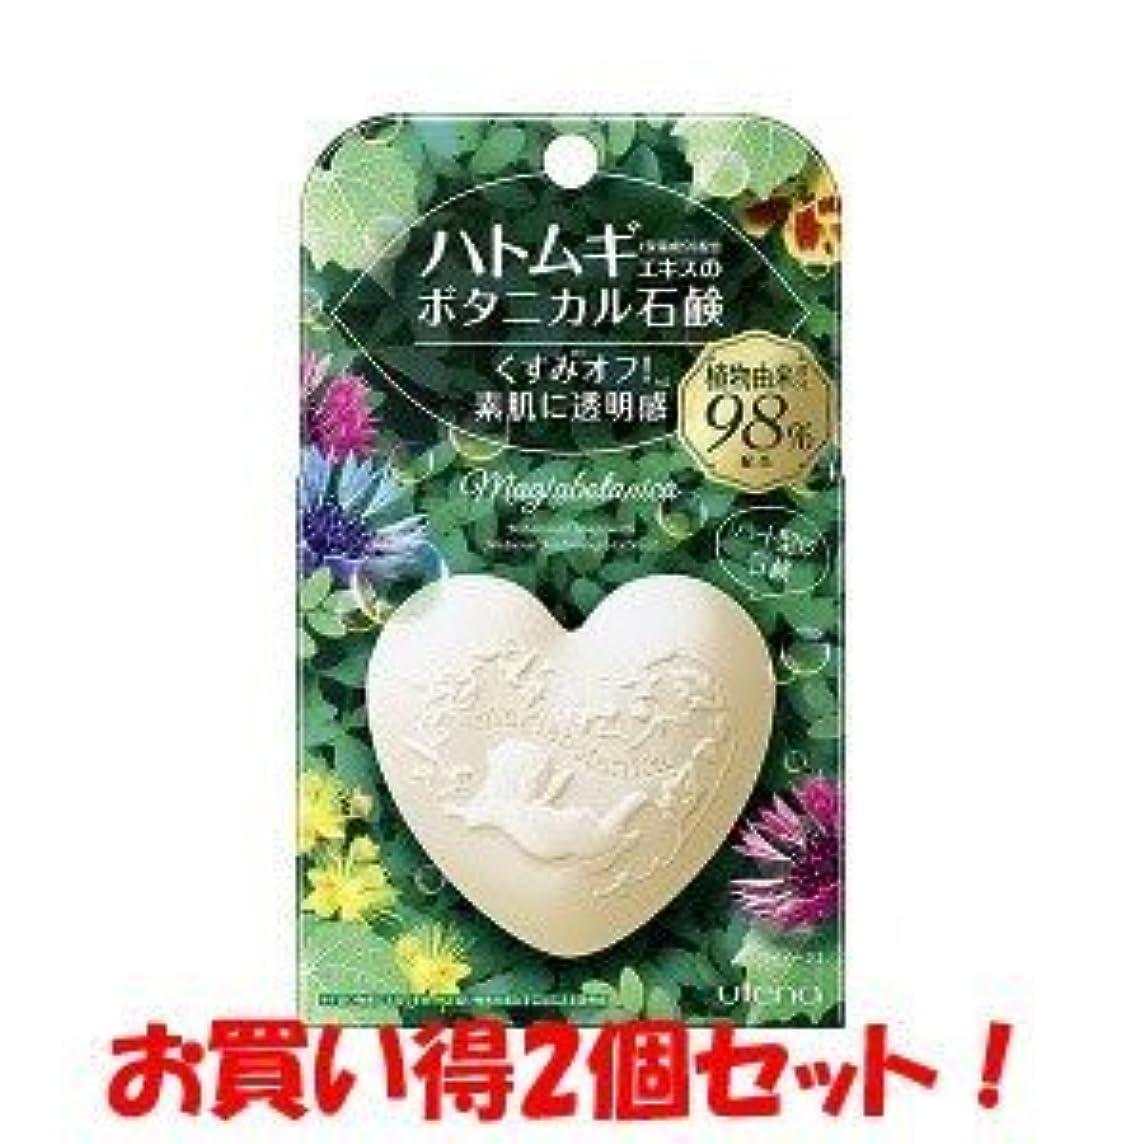 捨てるポーン公平(ウテナ)マジアボタニカ ボタニカル石鹸 100g(お買い得2個セット)